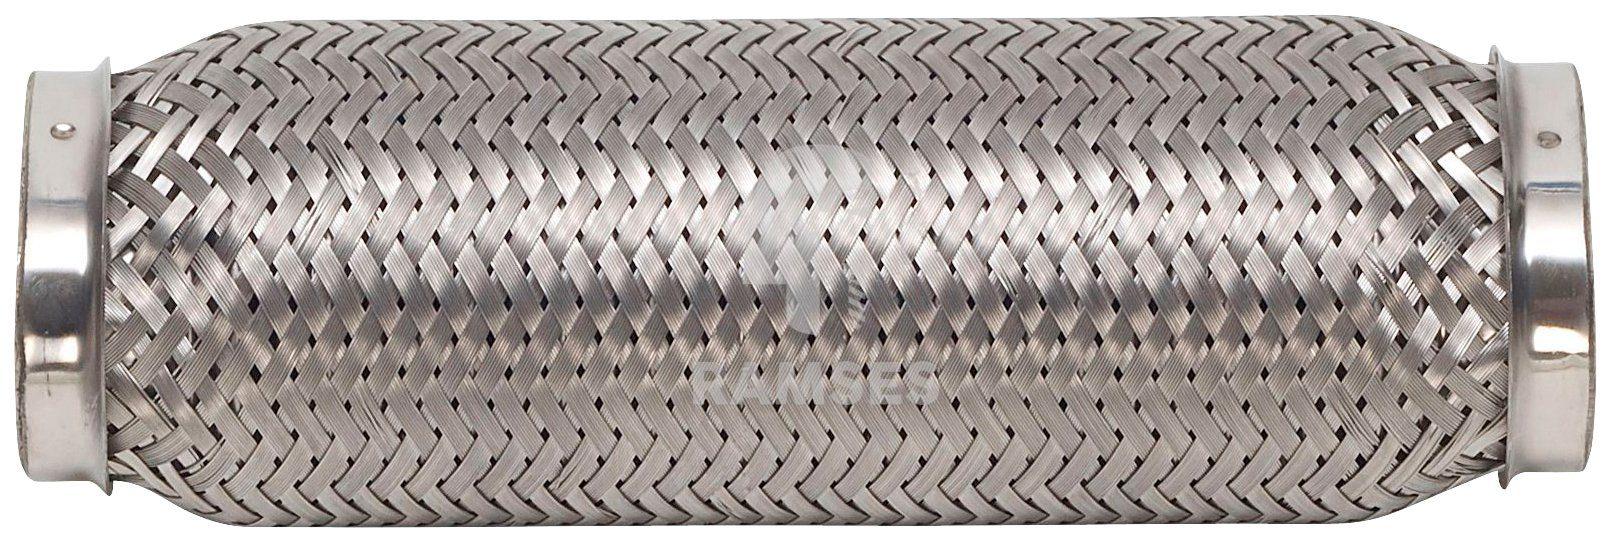 RAMSES Hosenrohr , oval 40/56 x 210 mm Edelstahl A2